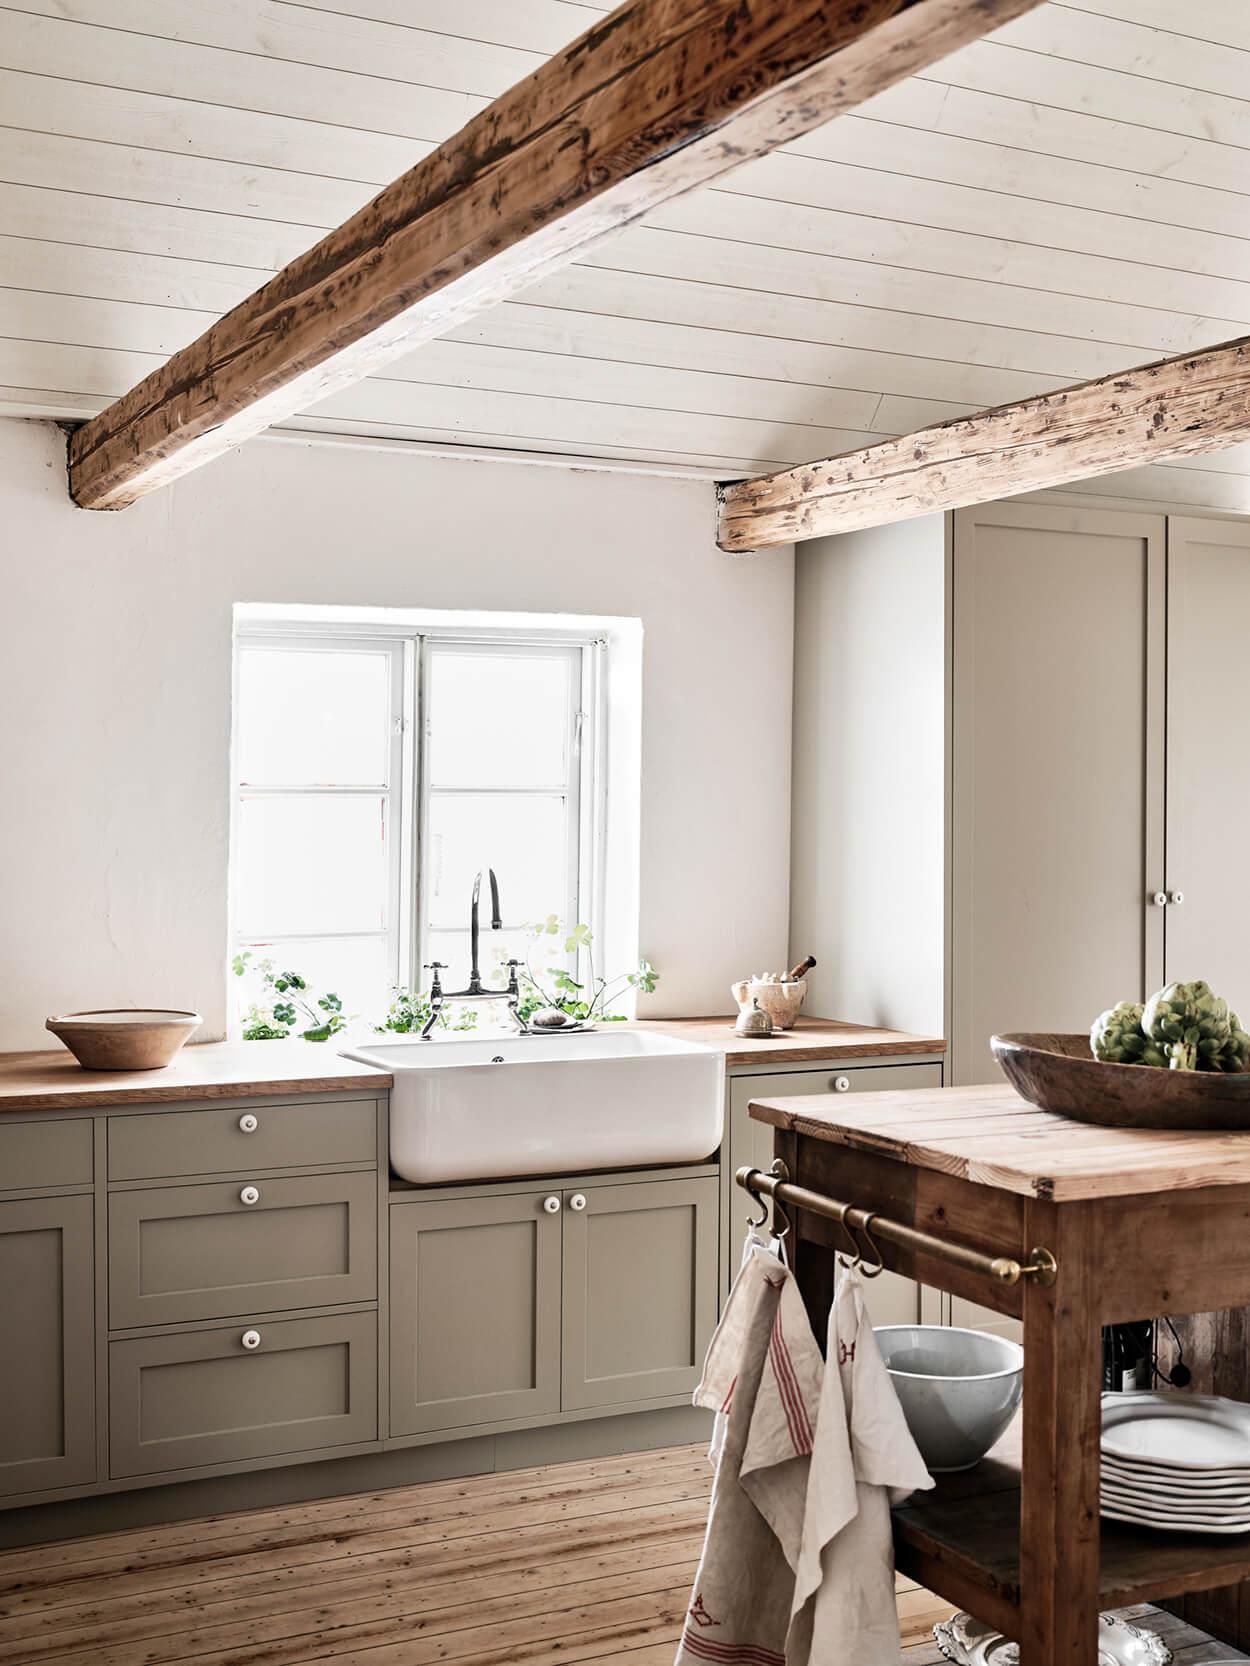 Nordiska Kok Ellen Dixdotter shaker kitchen